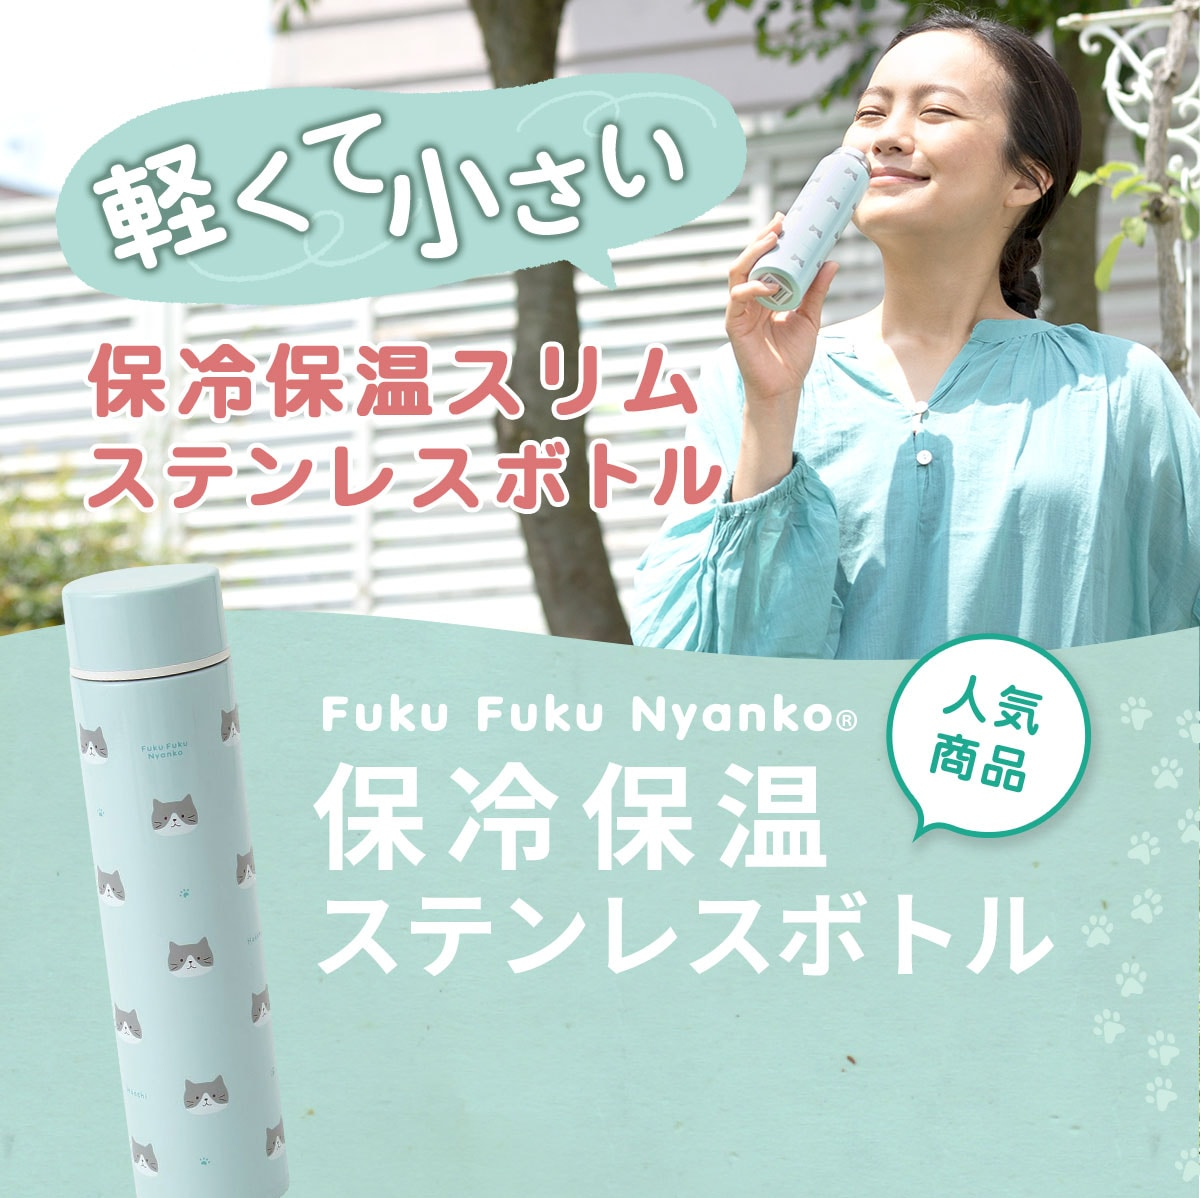 軽くて小さい保冷保温スリムステンレスボトル。HAPiNSオリジナルFukuFukuNyanko柄で、猫好きさんにもおすすめ!